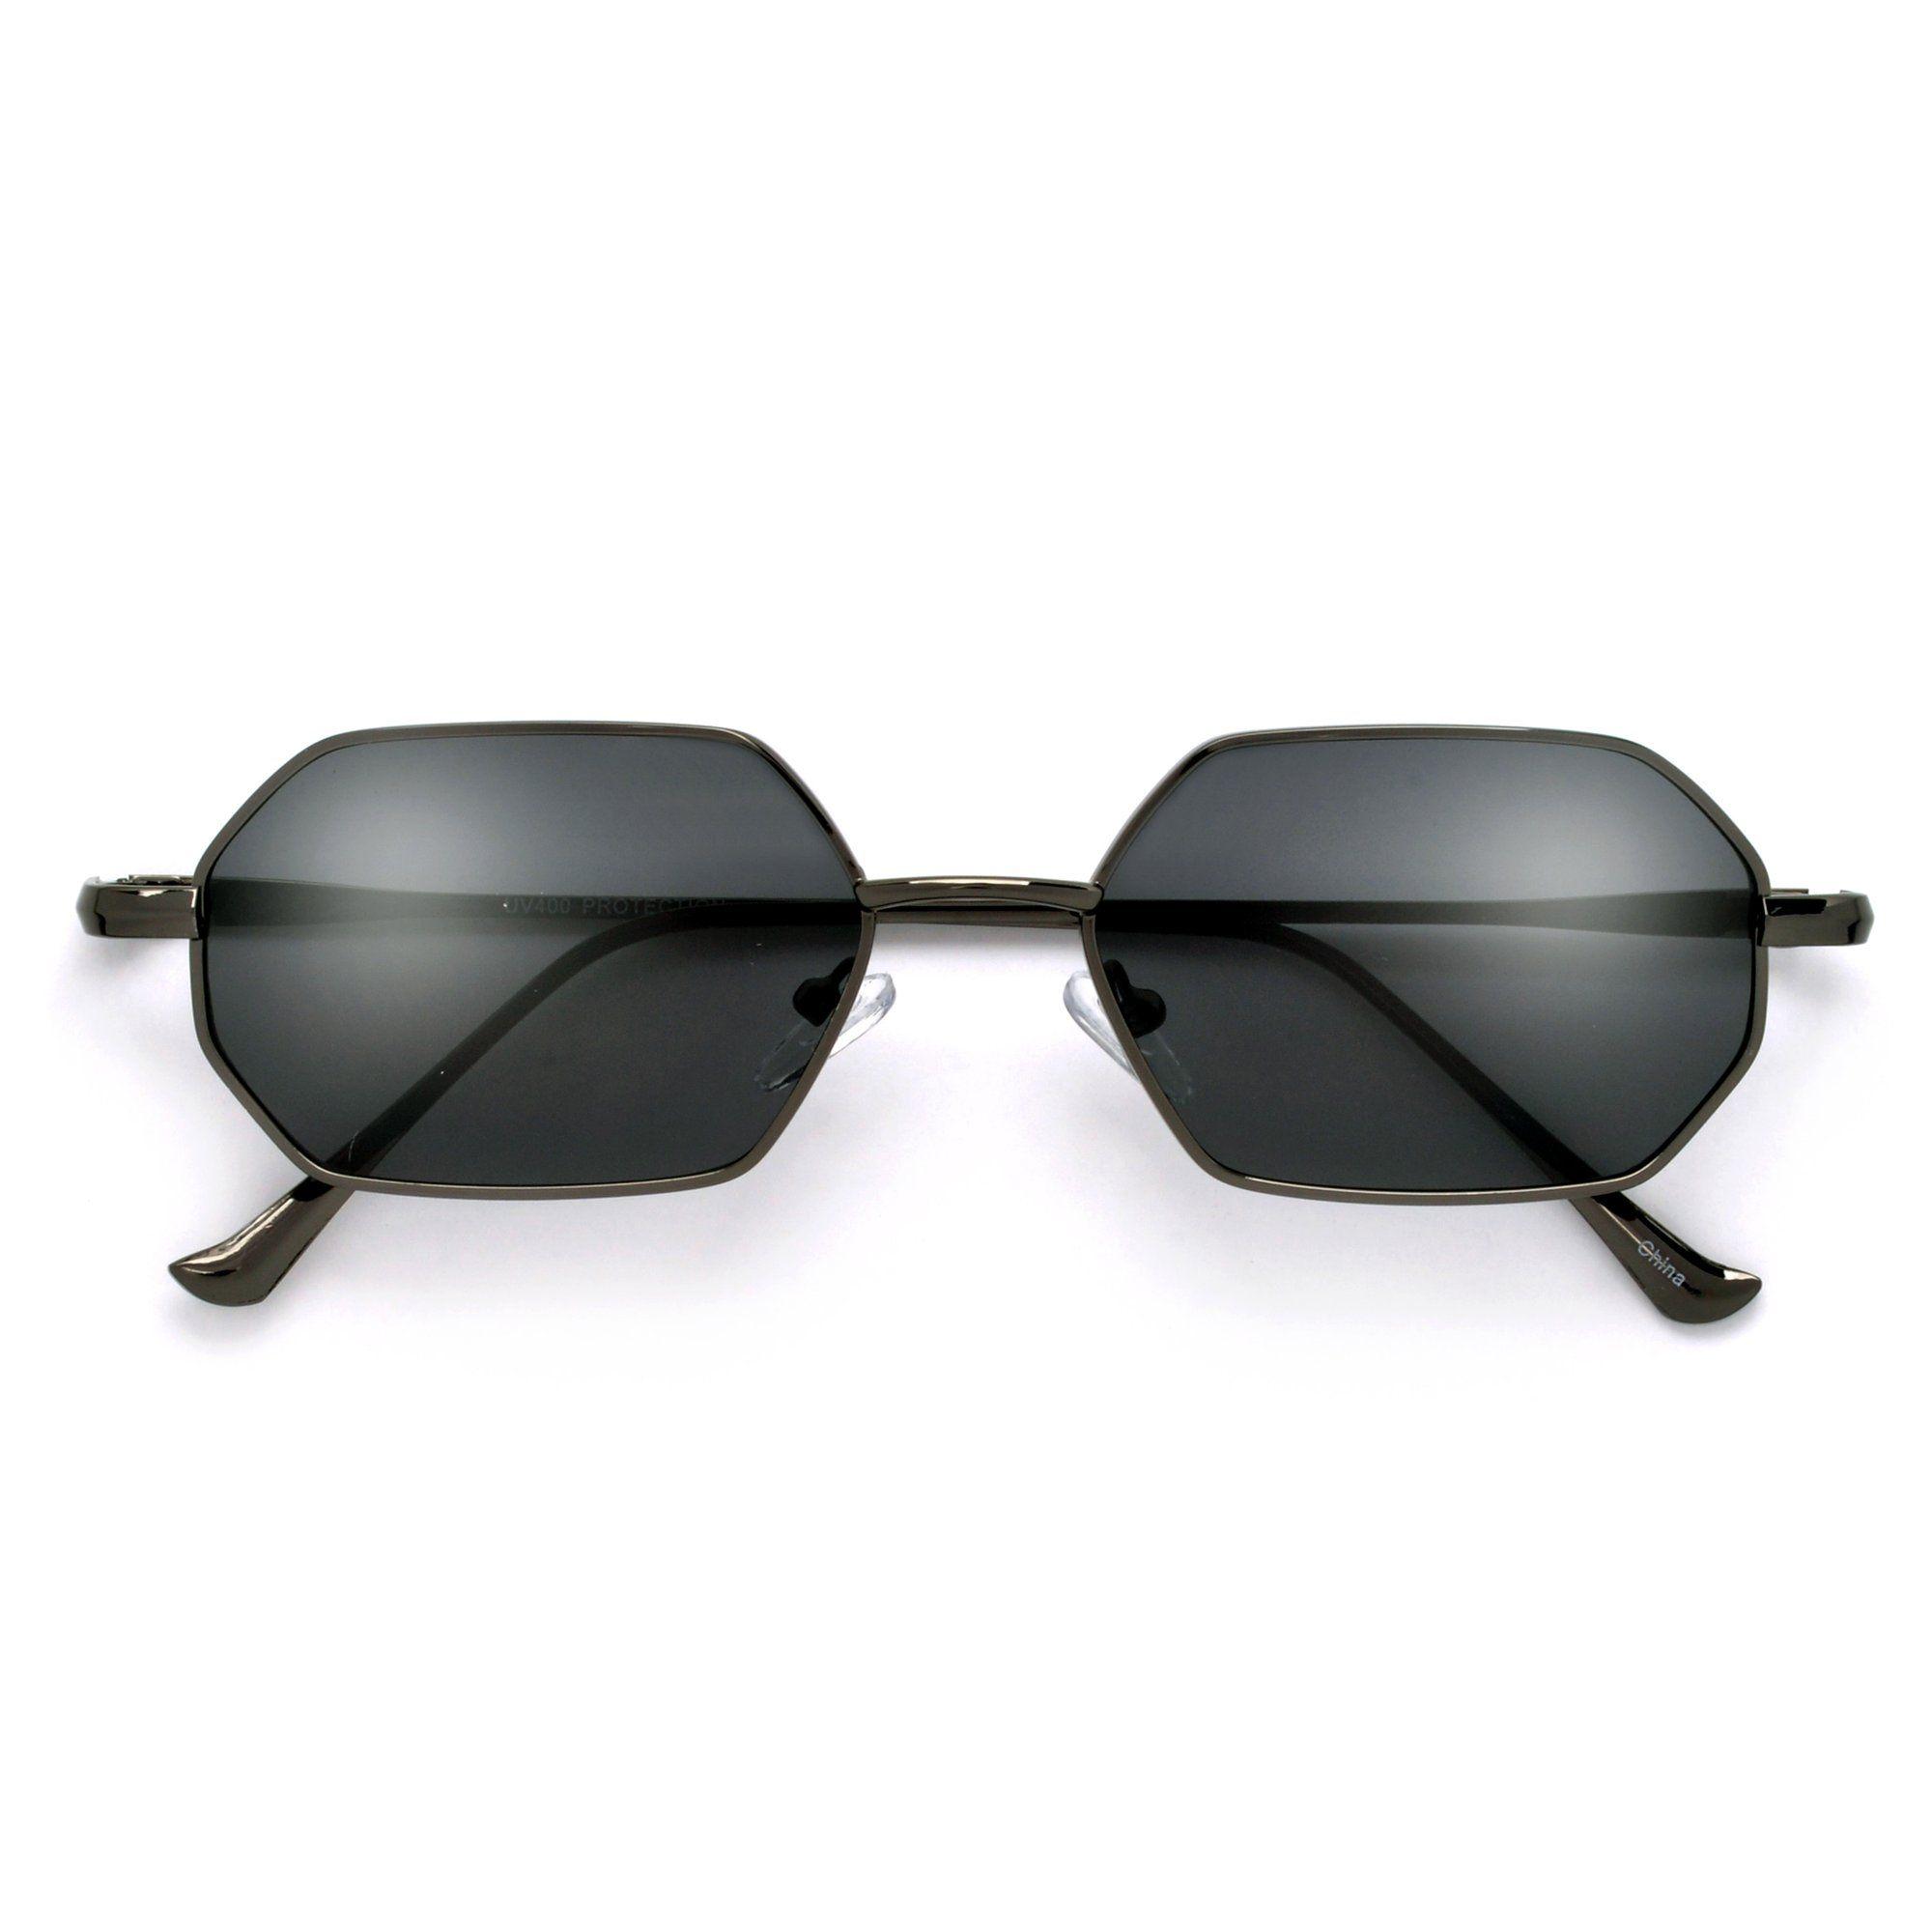 864400e7de Slim Retro Slender Octagonal Sunnies